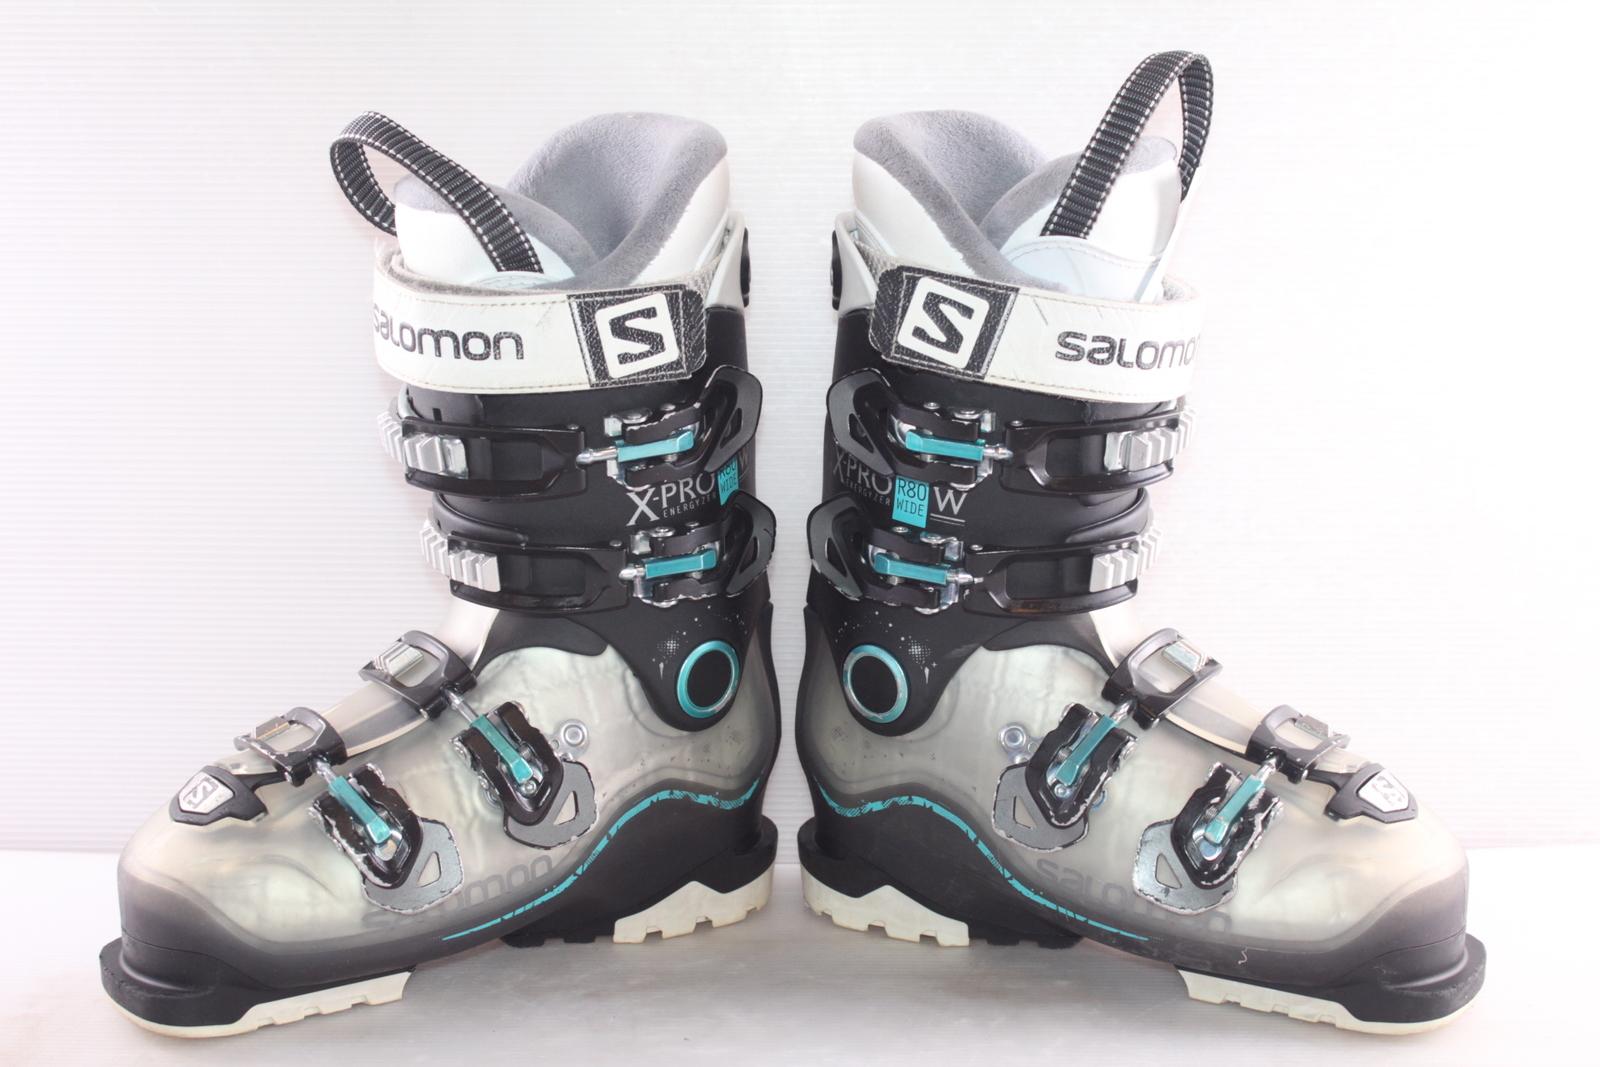 Dámské lyžáky Salomon X Pro R80 W vel. EU37 flexe 80